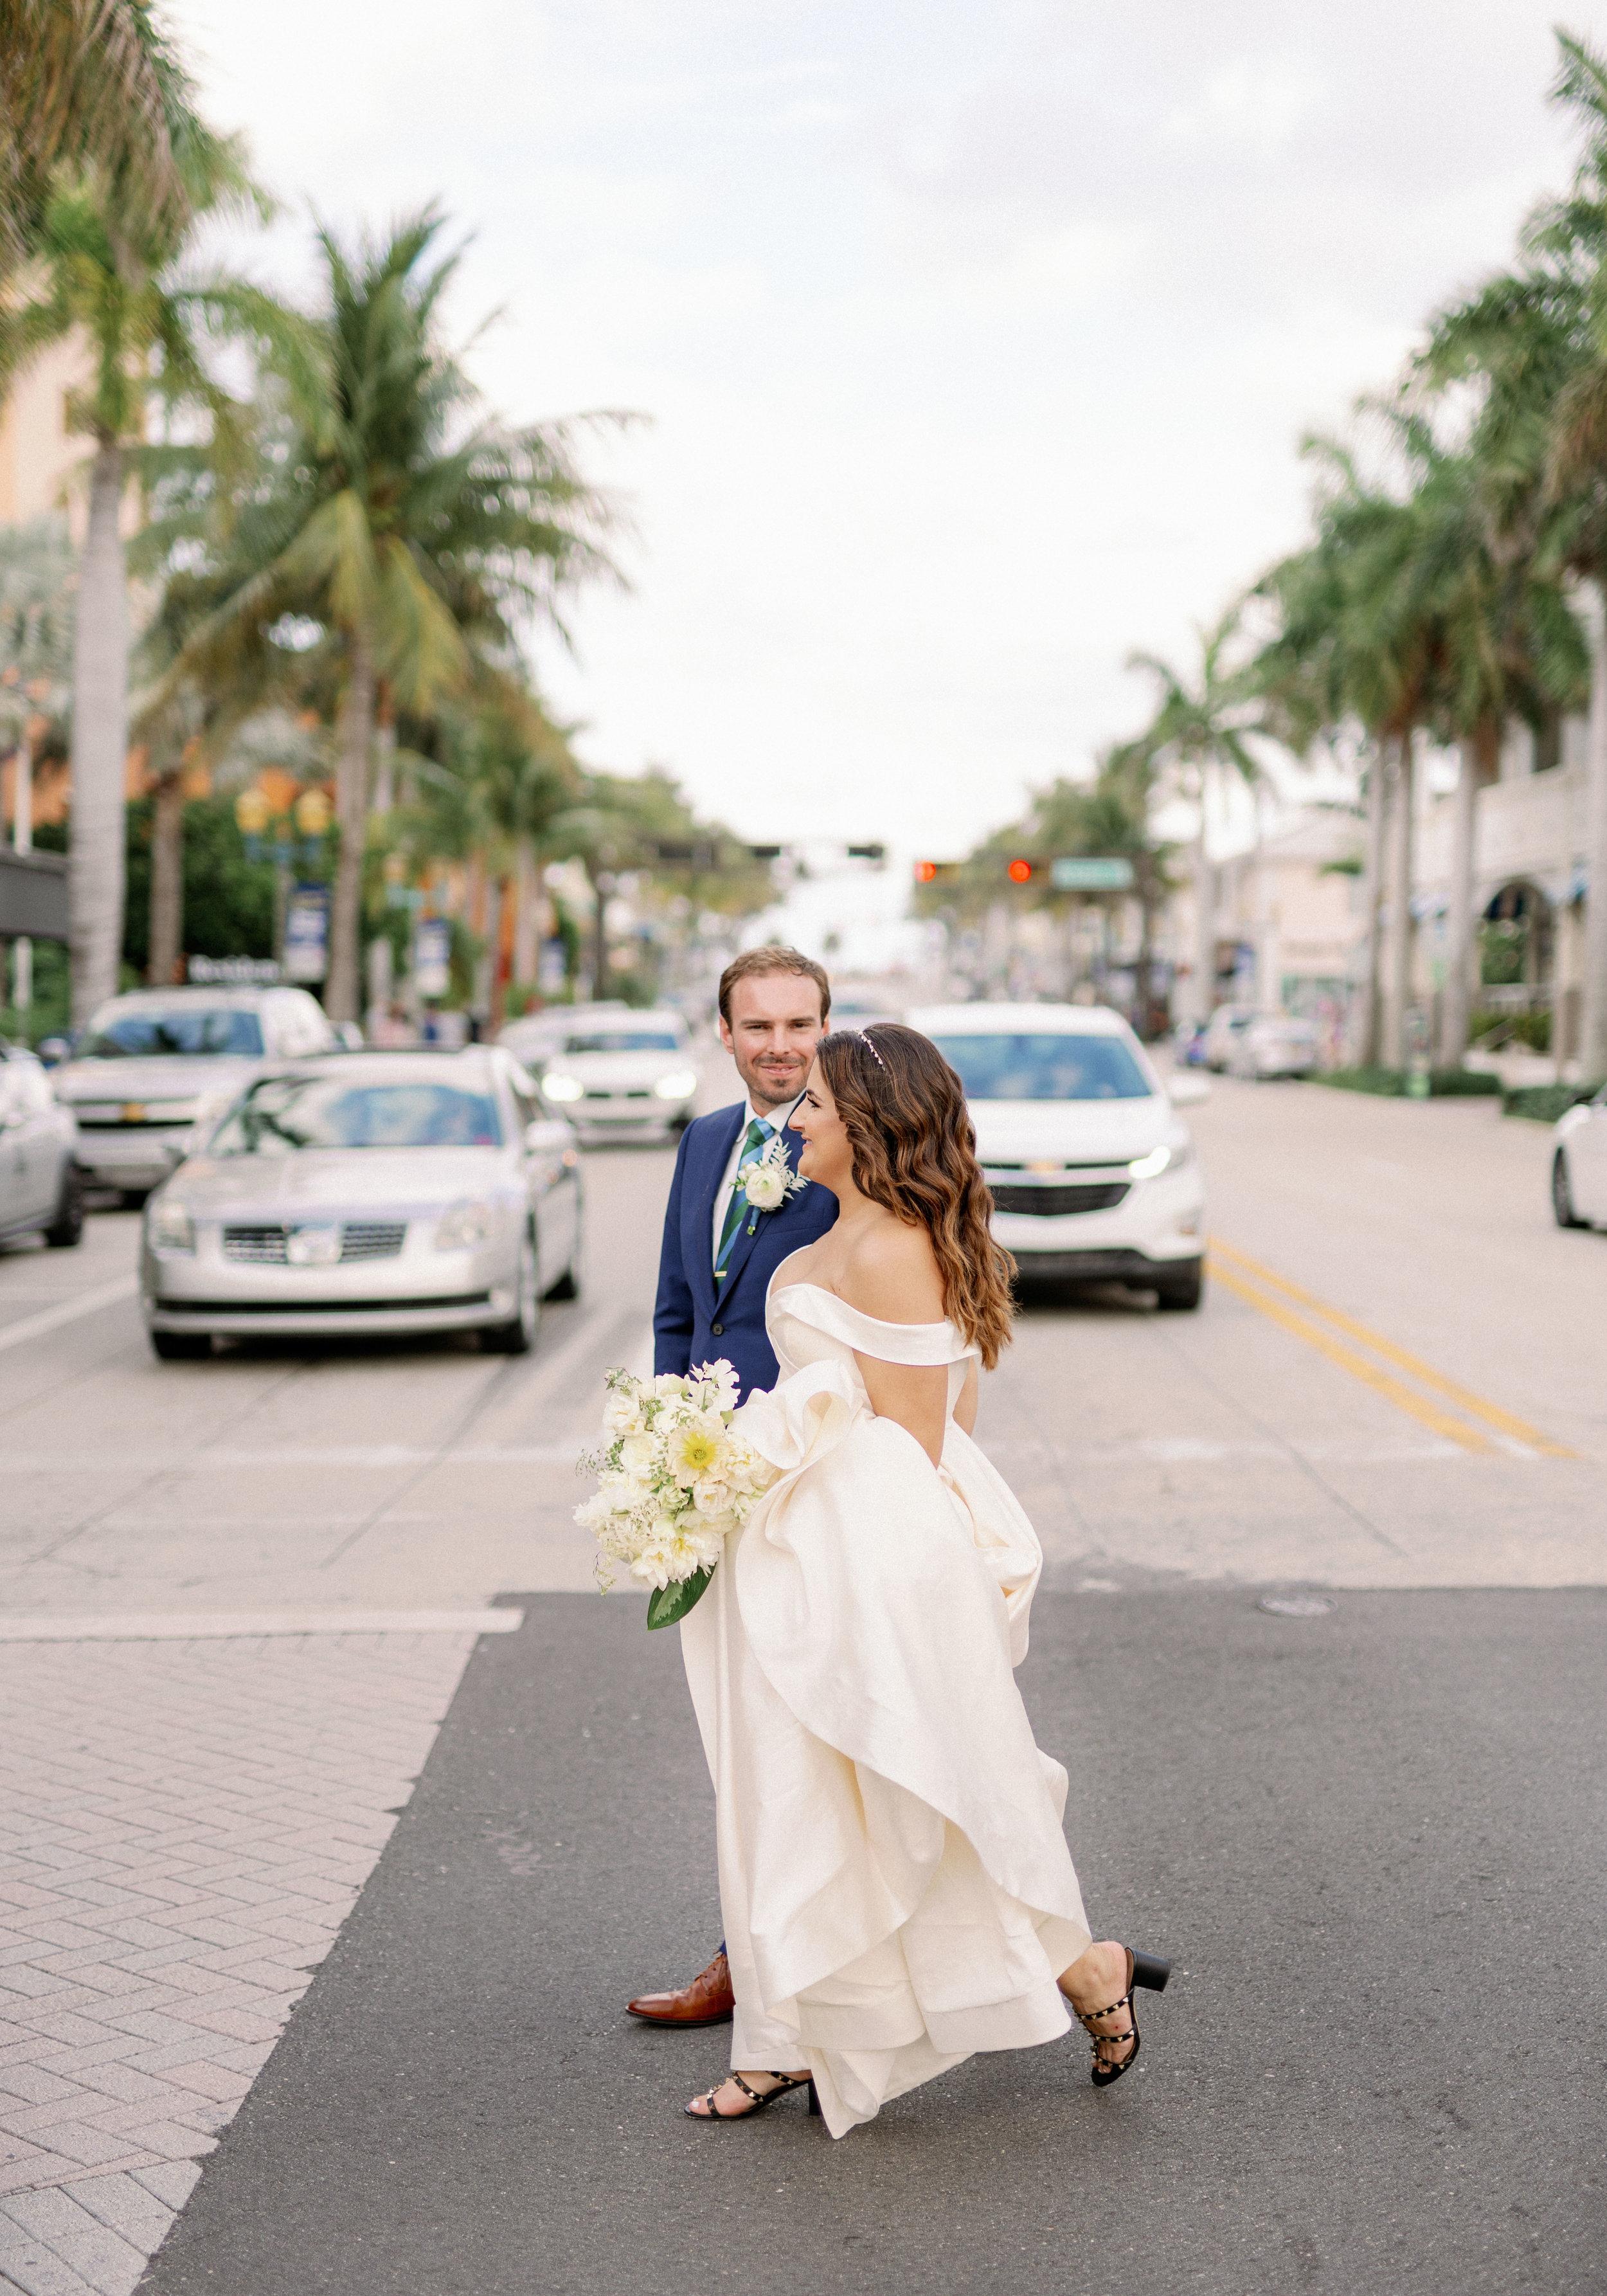 ourwedding308239.jpg